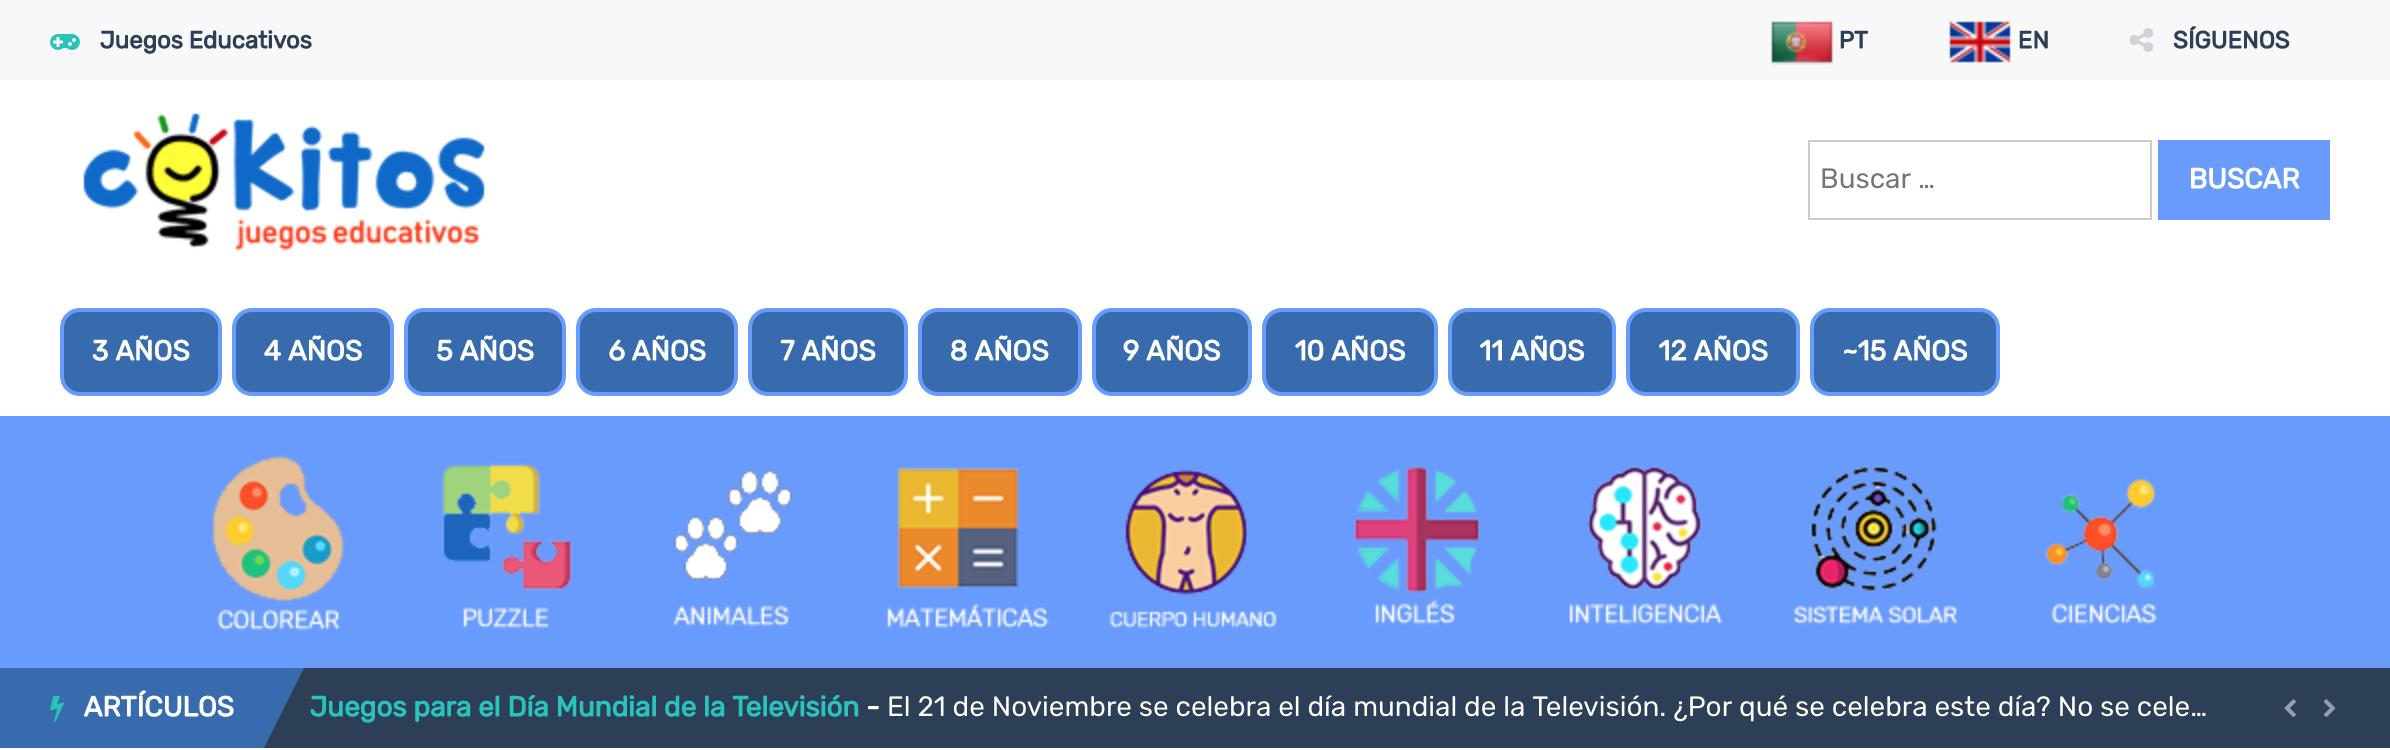 juegos-educativos-infantiles-gratis